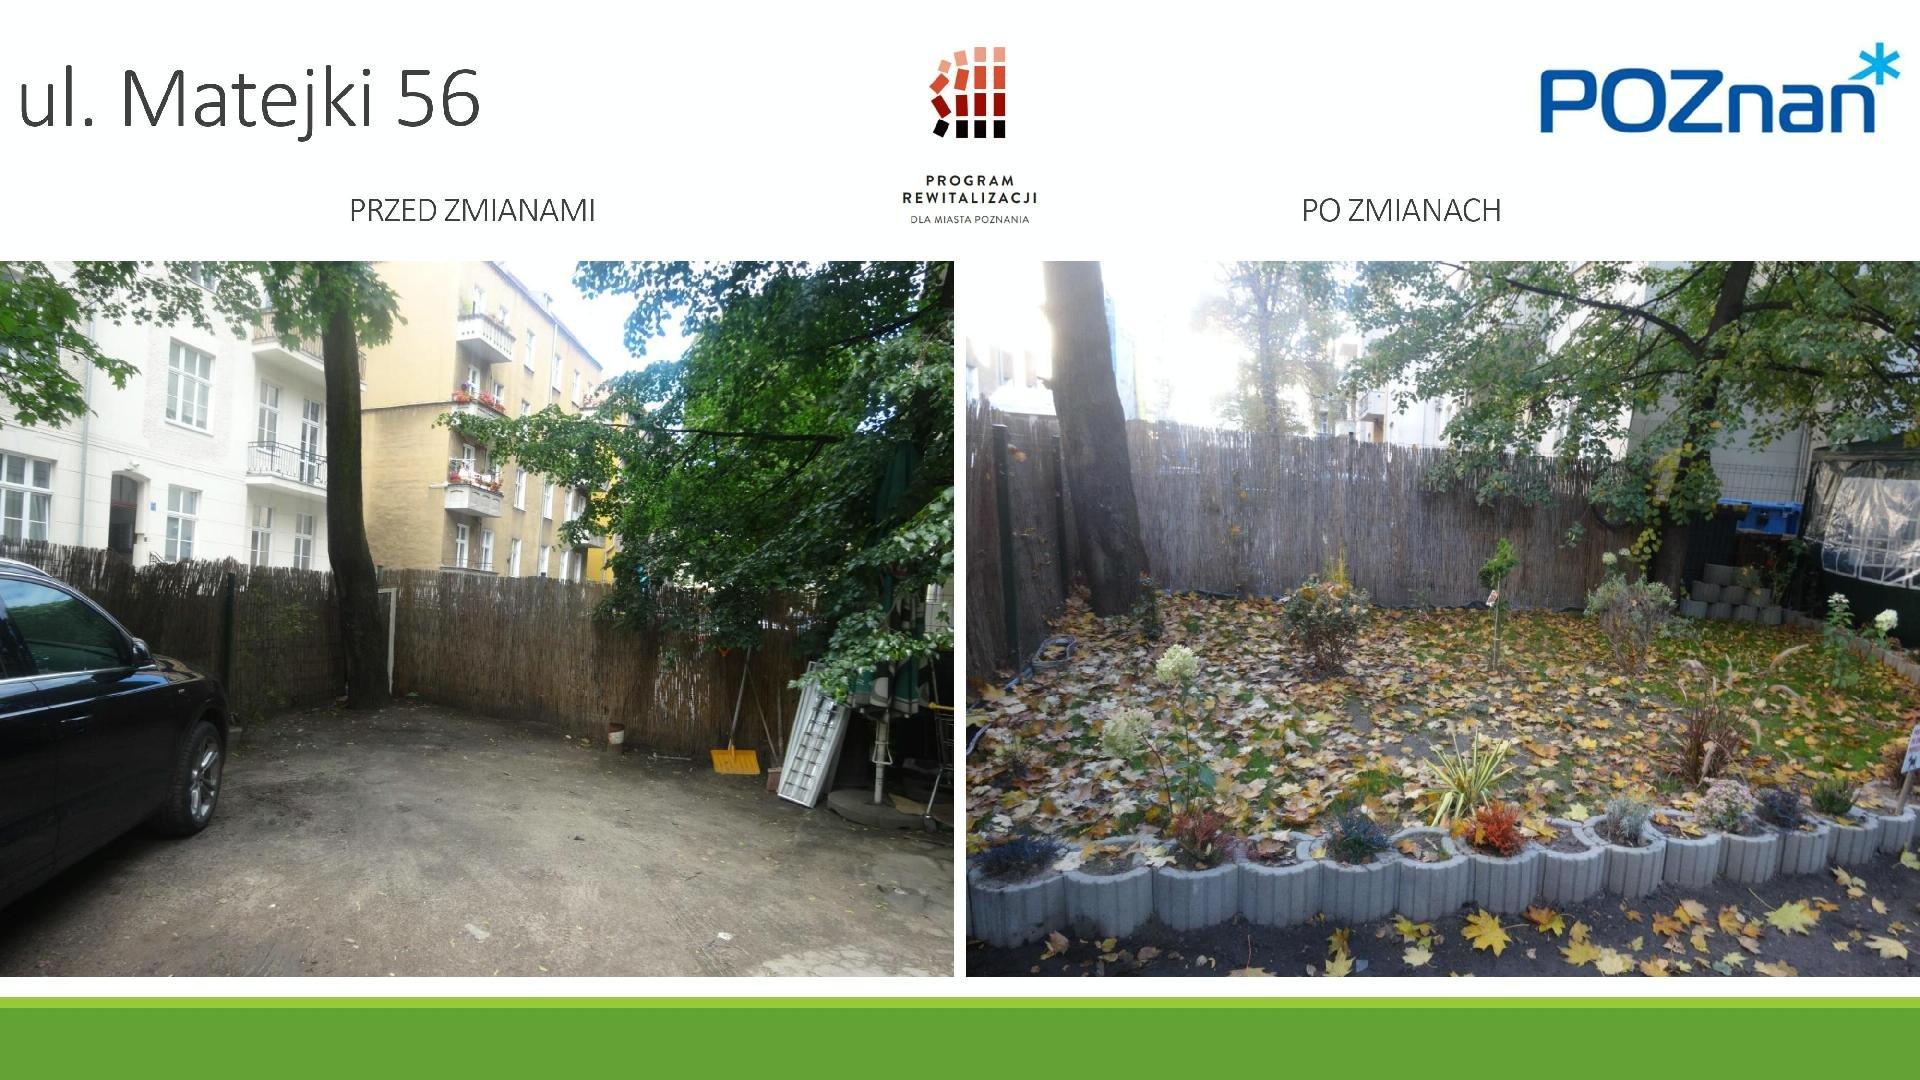 Po lewej stronie znajduje się zdjęcie podwórka przed zmianami - pusty teren, widać na nim jedynie zaparkowany samochód. Na drugim zdjęciu znajduje się uporządkowana zieleń. - grafika artykułu